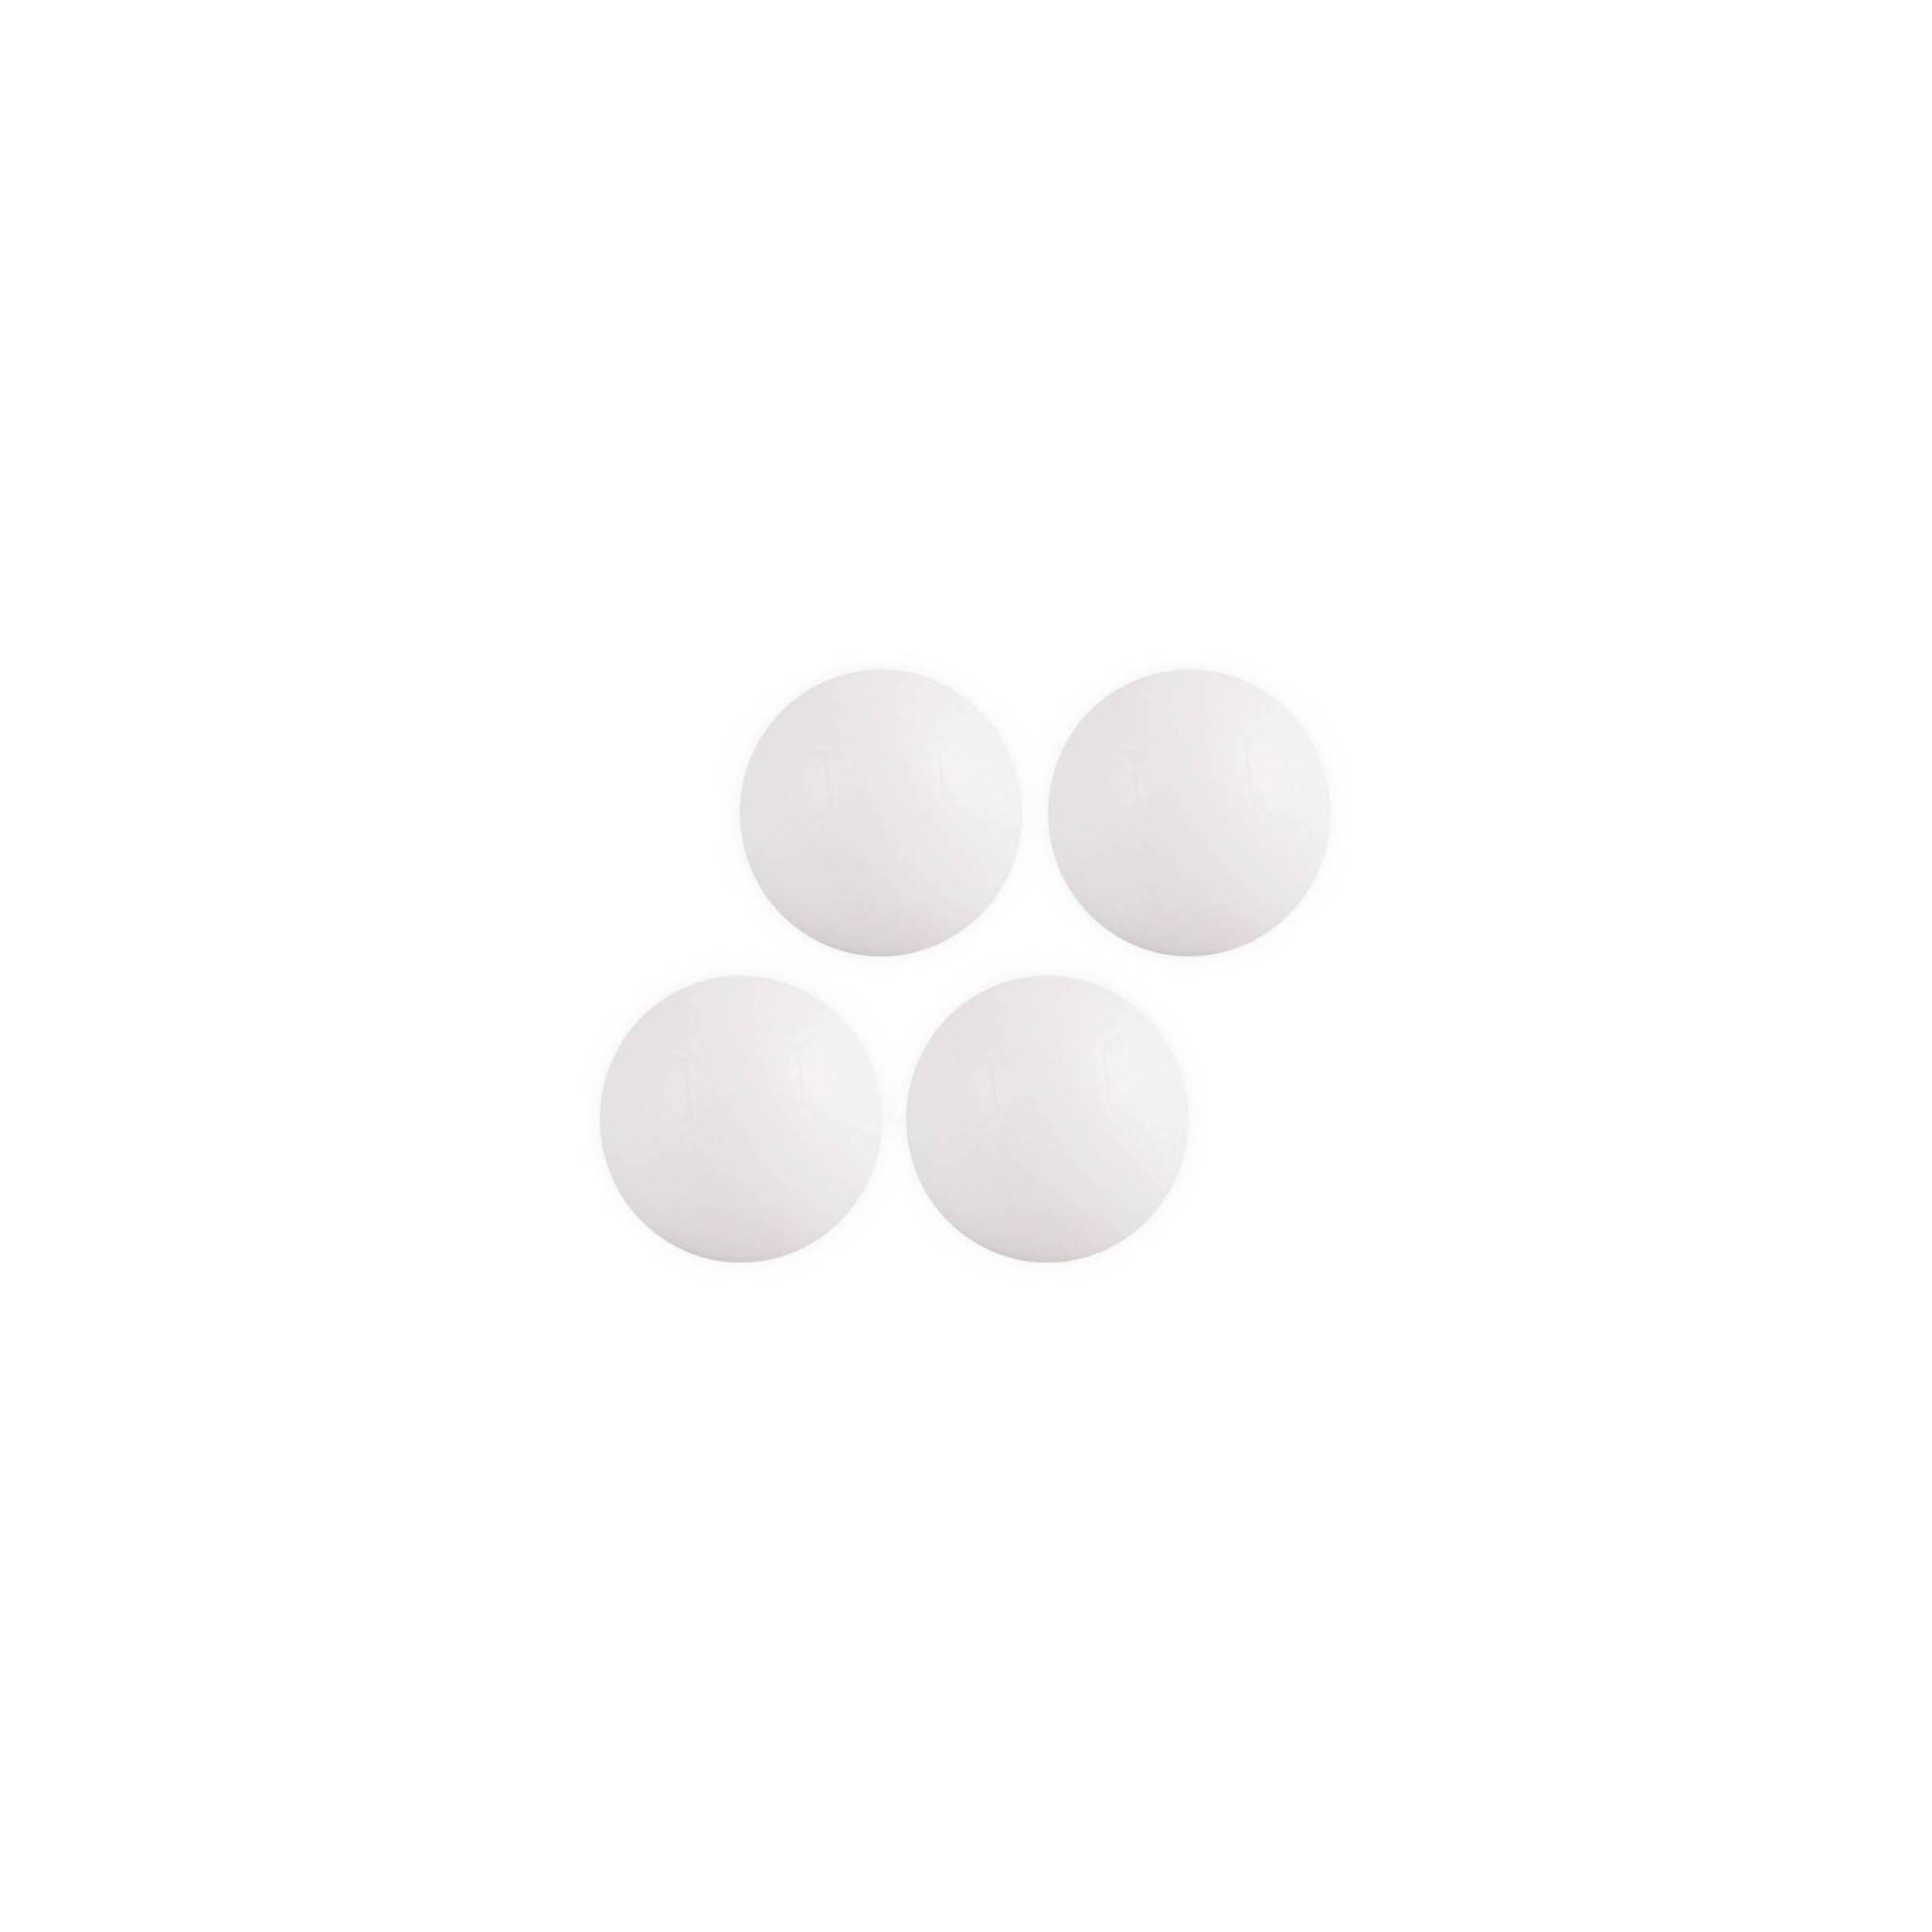 Piłeczki do gry w piłkarzyki średnica 32mm 4 sztuki białe WORKER - 1 | klubfitness.pl